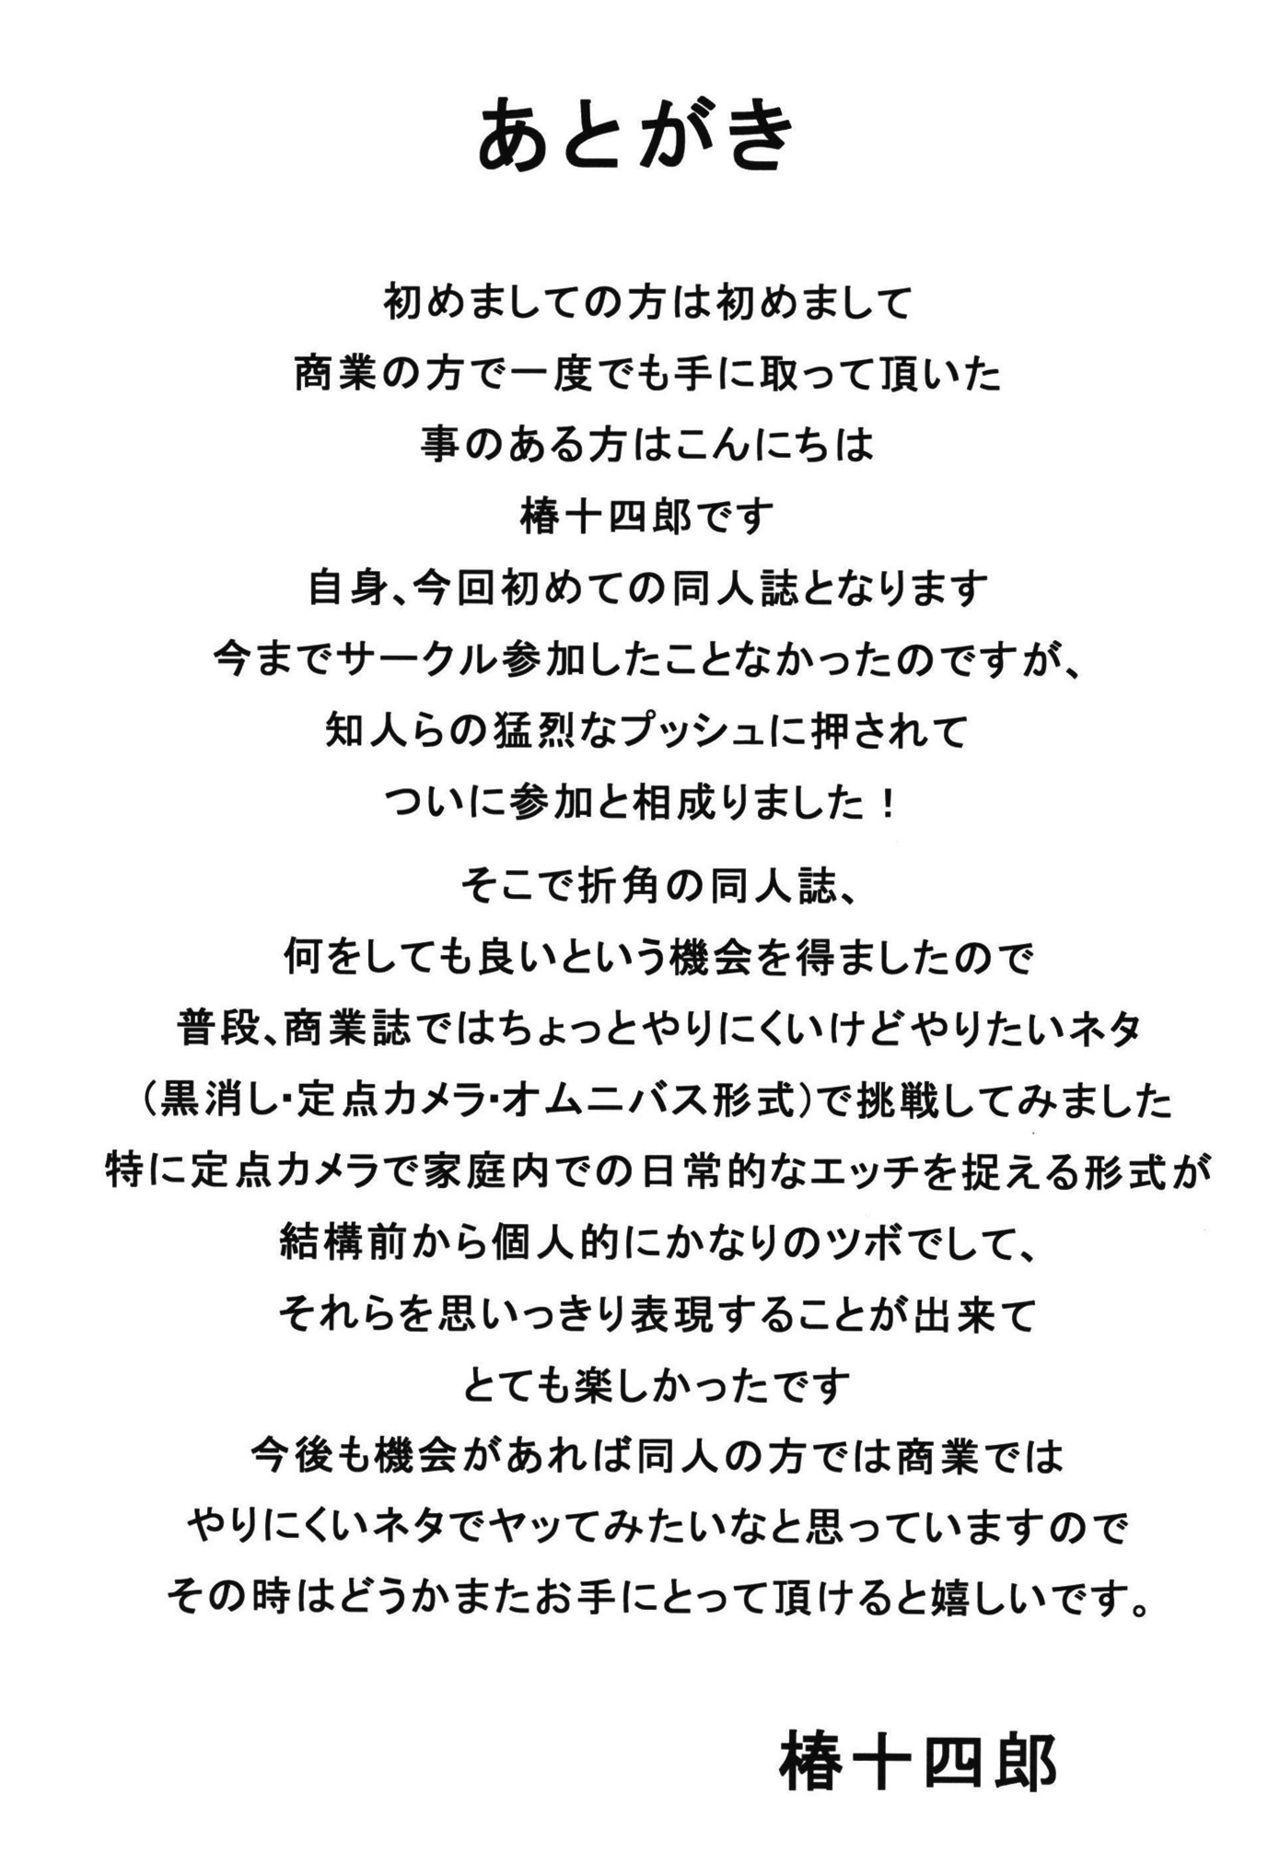 Kono Naka ni Kinshin Soukan Shiteiru Musume ga 3-nin Imasu #1 28